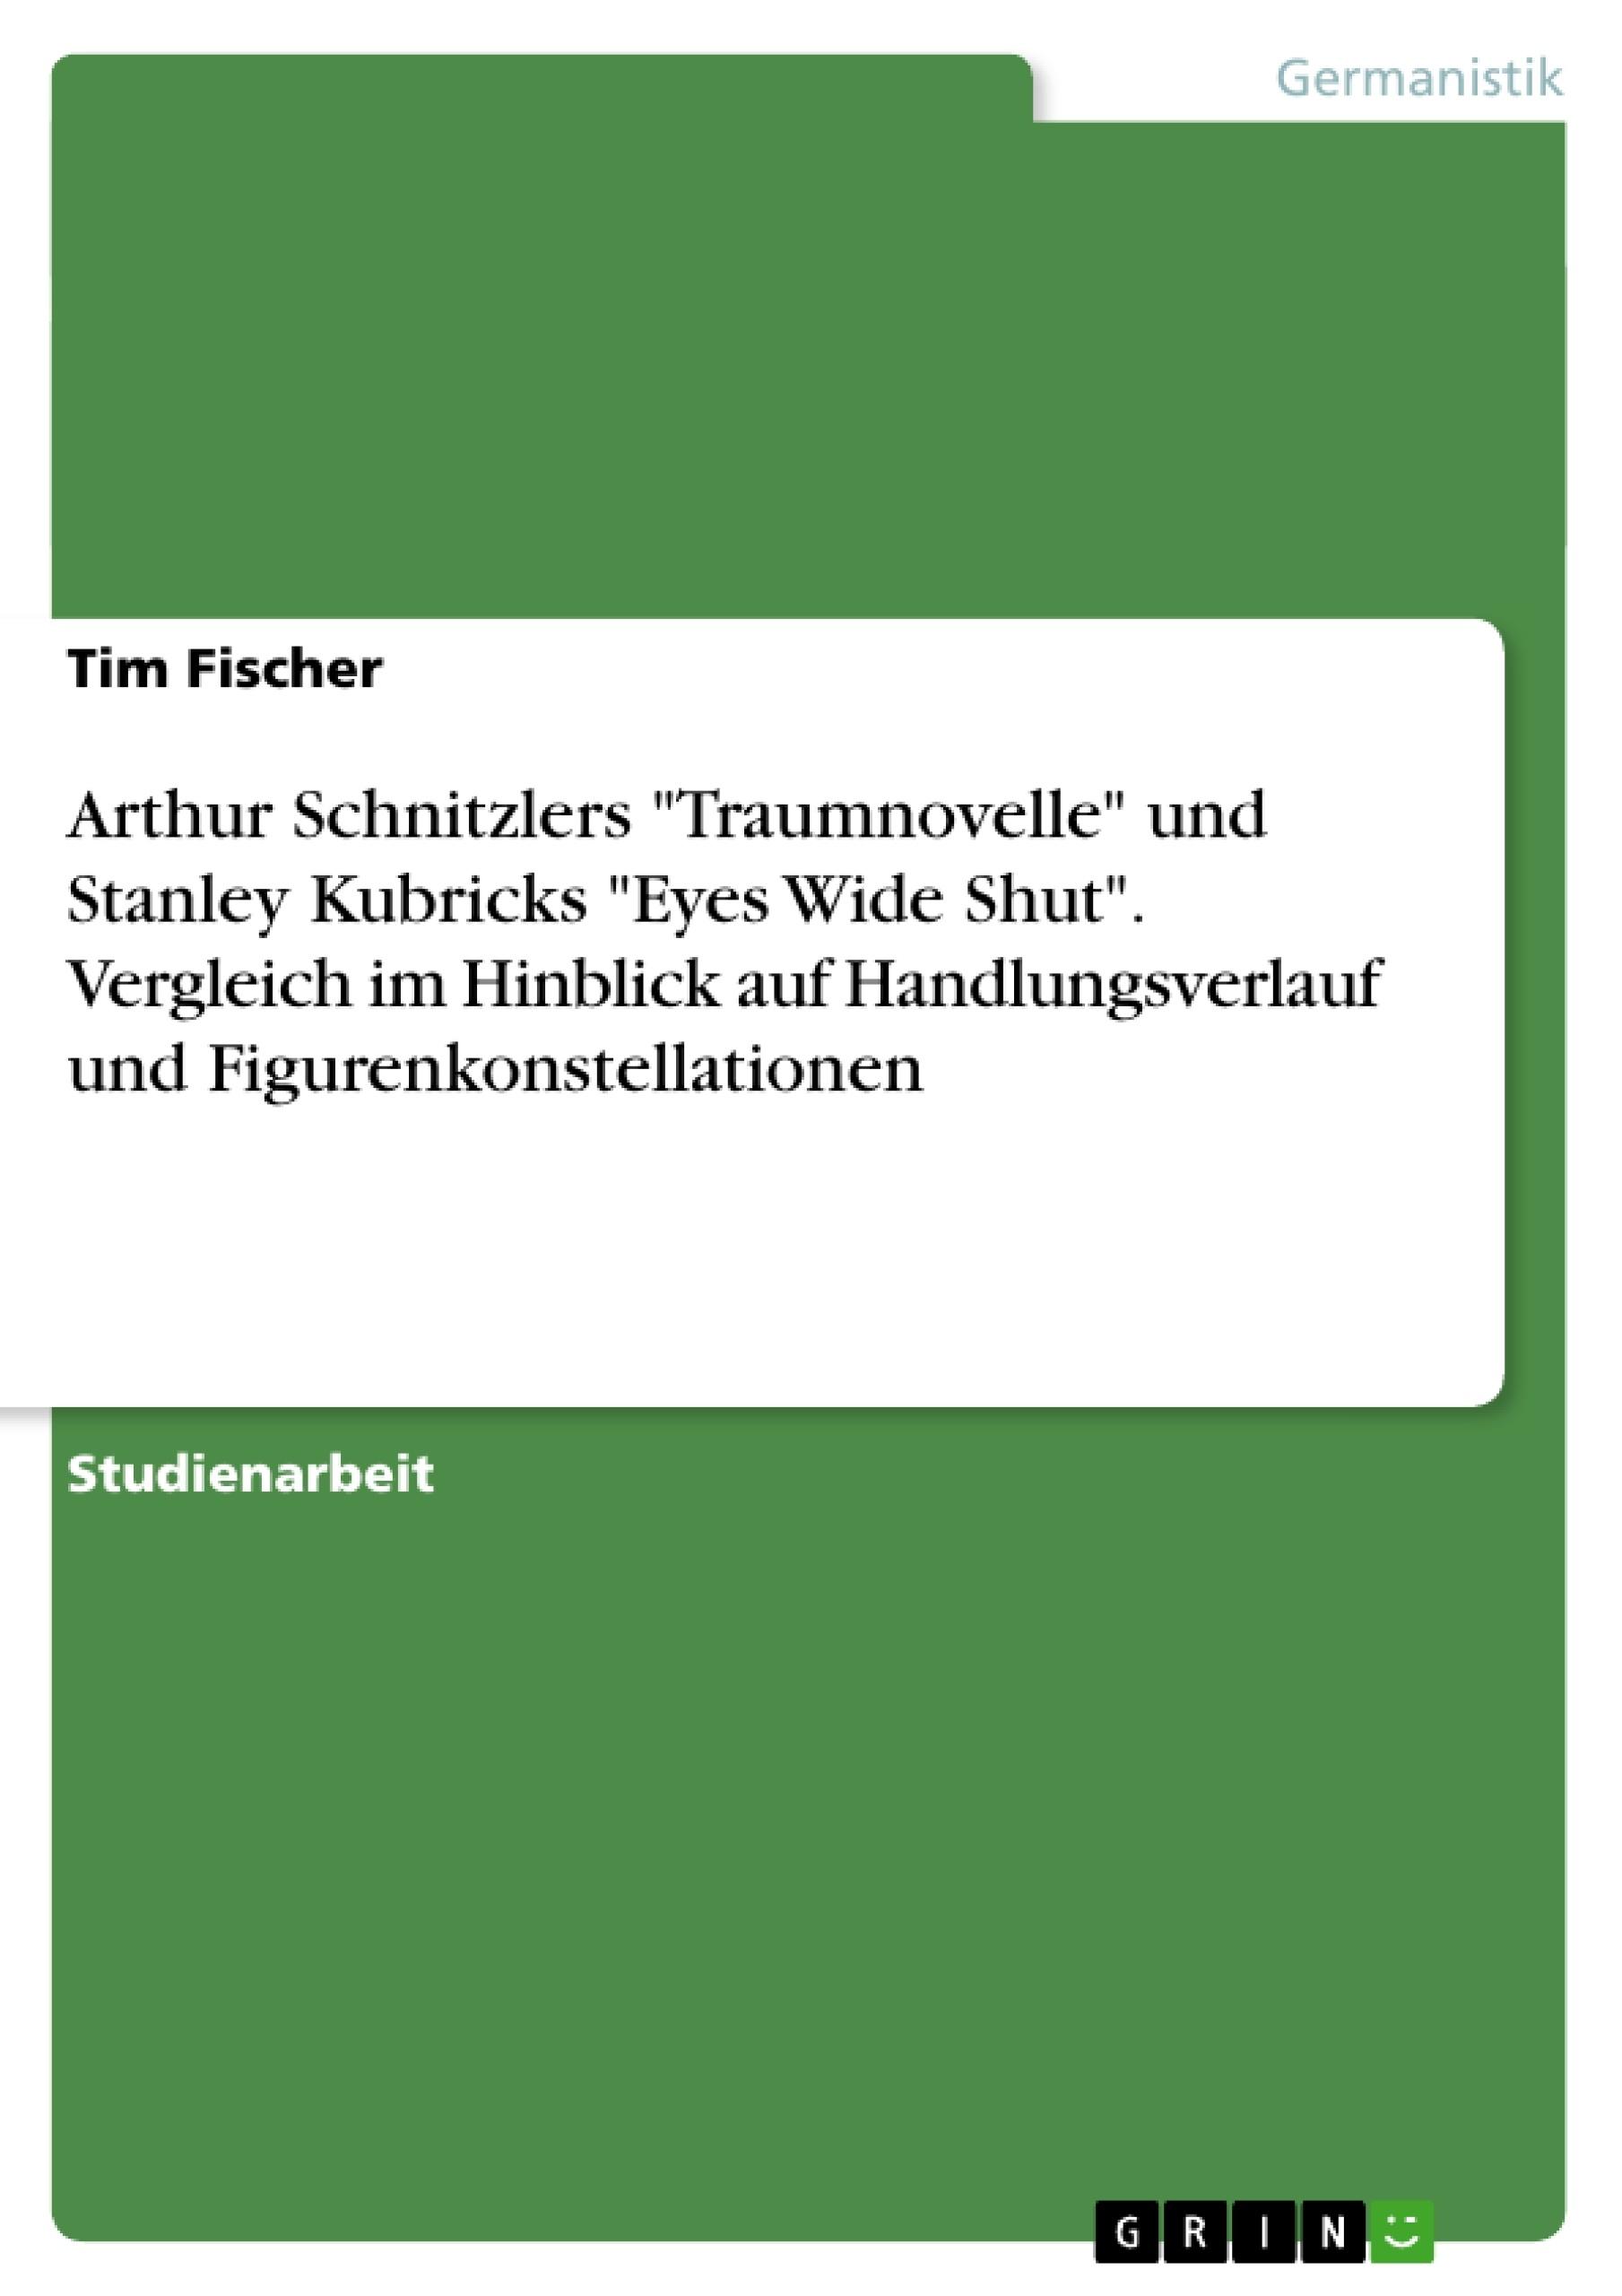 """Titel: Arthur Schnitzlers """"Traumnovelle"""" und Stanley Kubricks """"Eyes Wide Shut"""". Vergleich im Hinblick auf Handlungsverlauf und Figurenkonstellationen"""